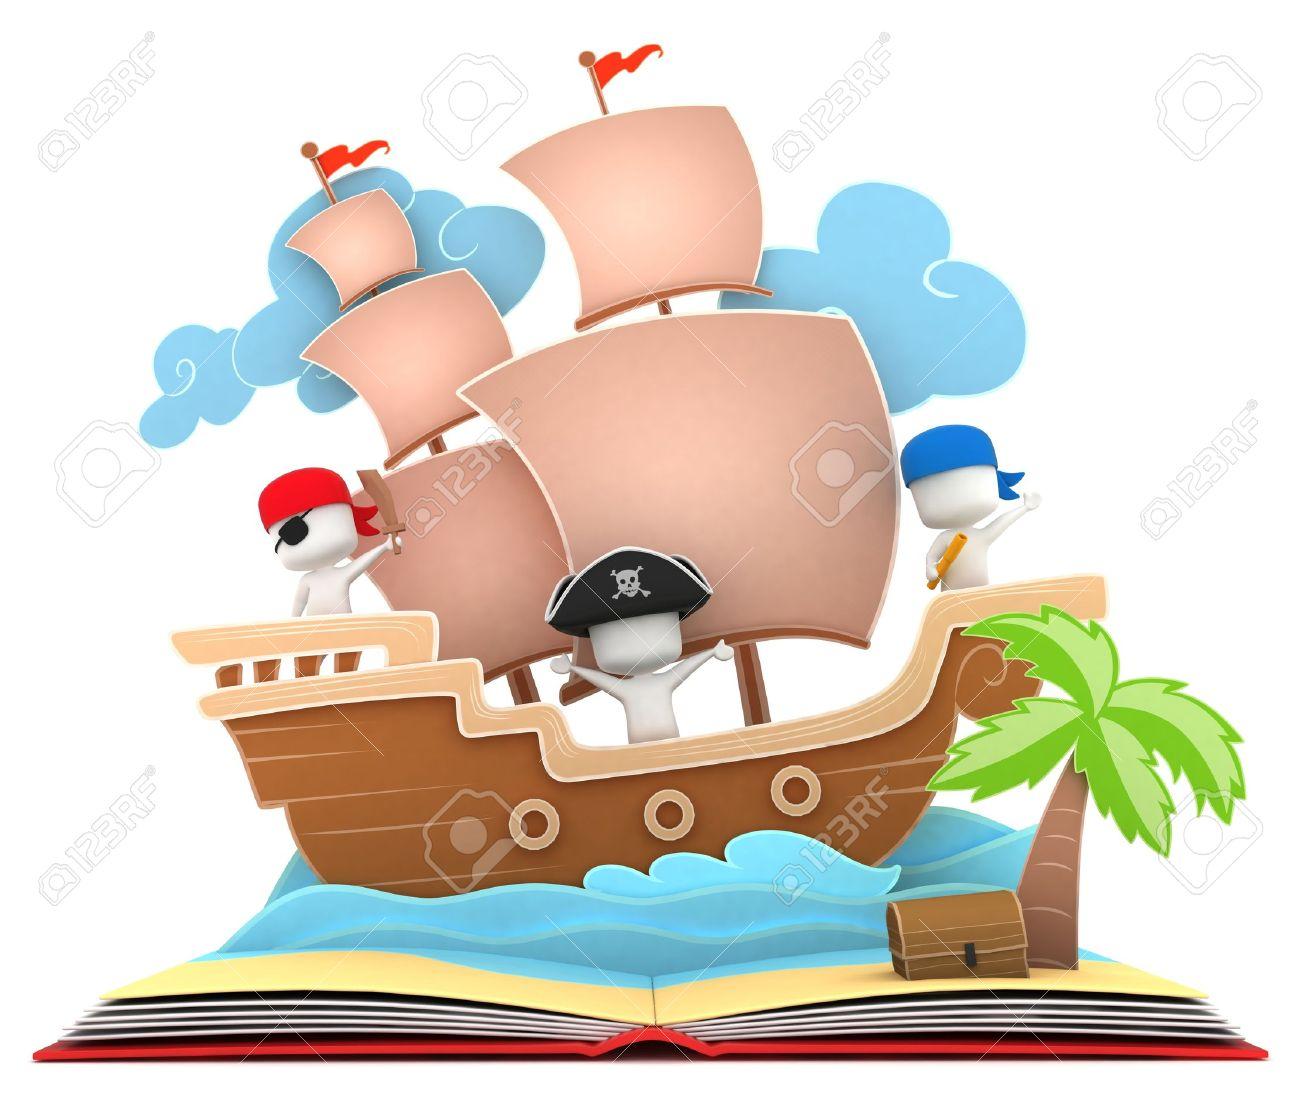 Foto de archivo - Ilustración 3D de niños jugando en un barco pirata en un  libro Popup 9b81e74781e